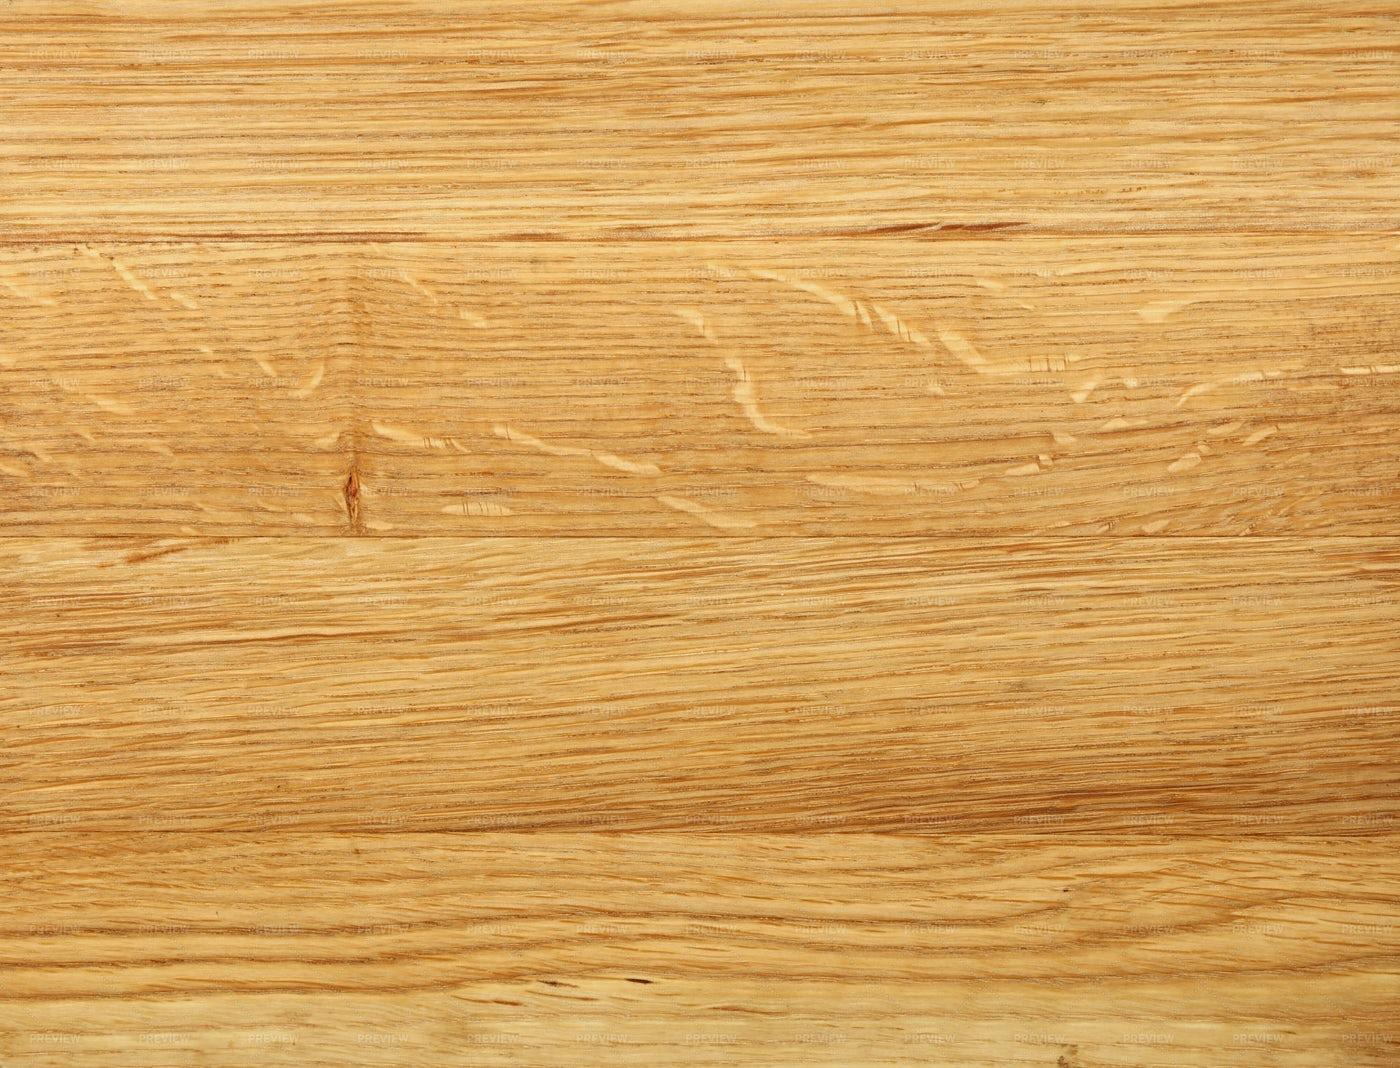 Oak Wood Surface: Stock Photos